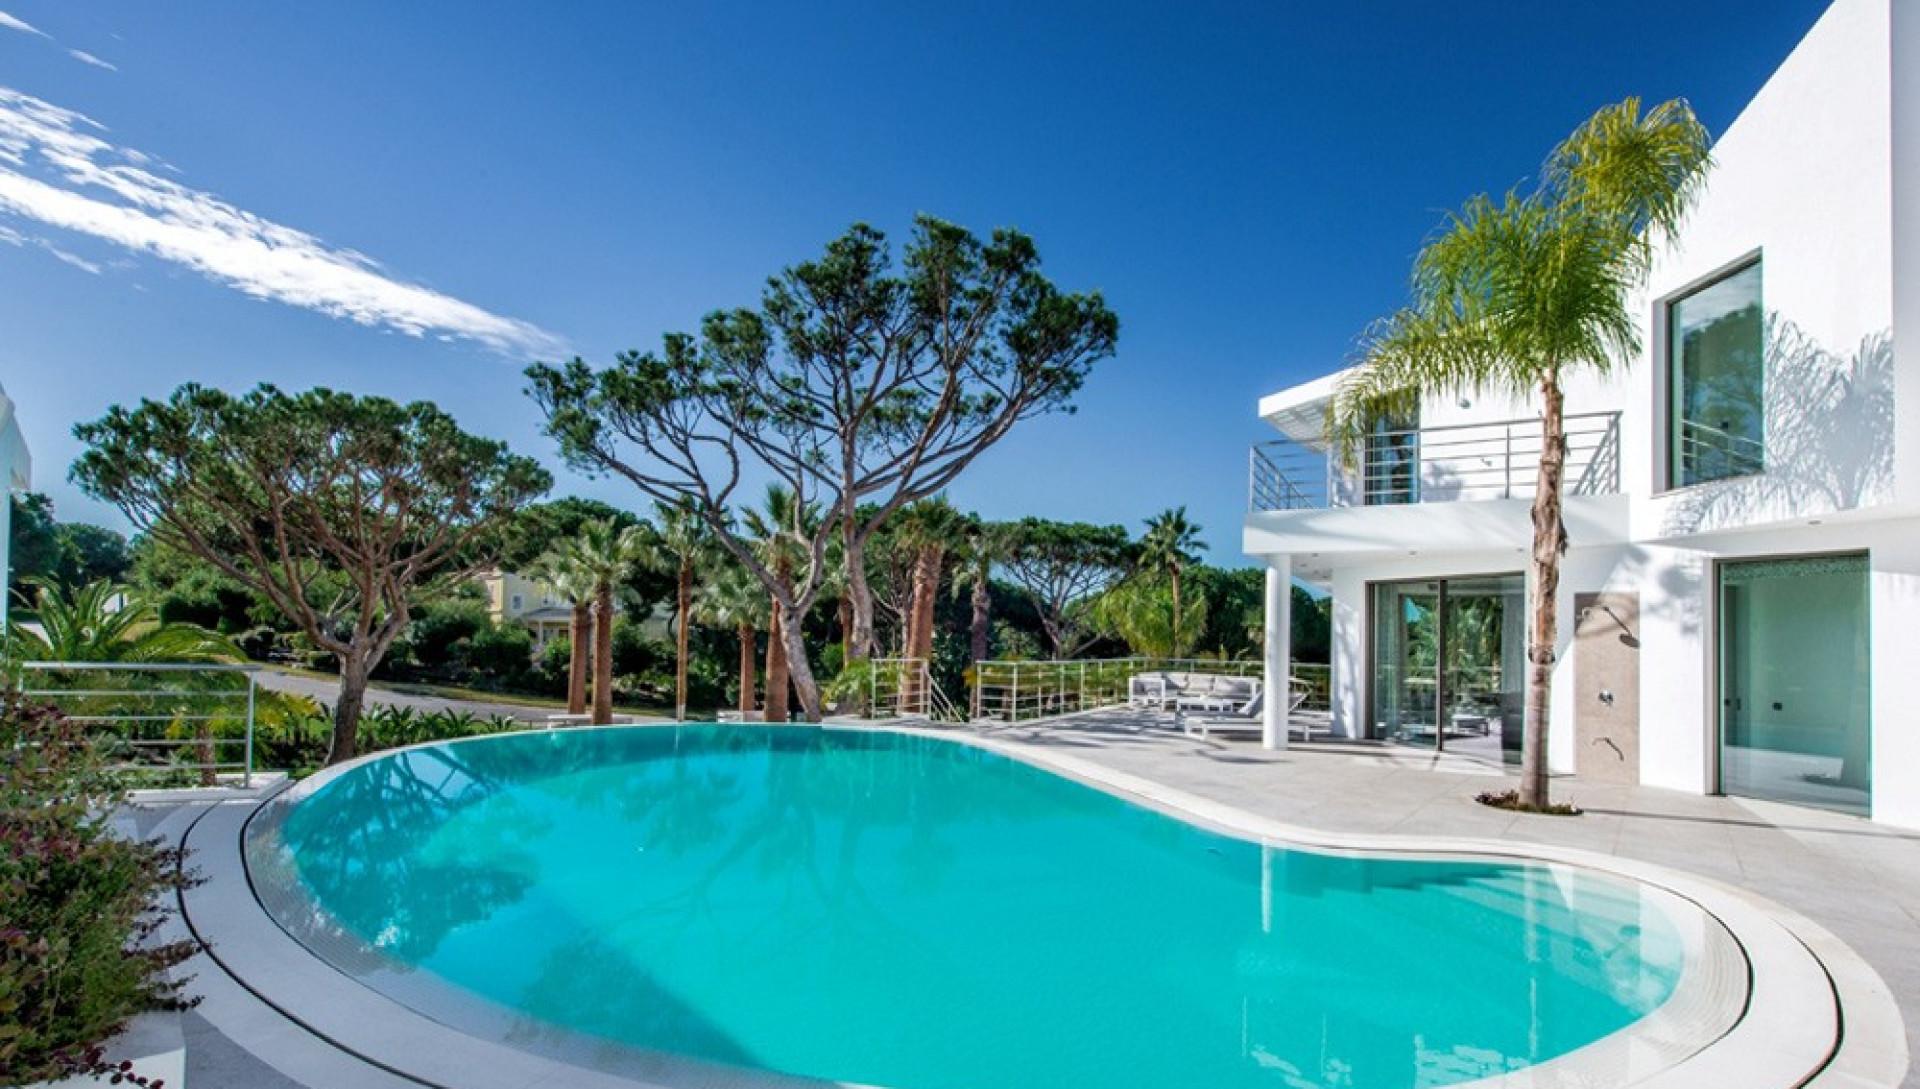 Villa In Quinta De Lago Algarve For Rent